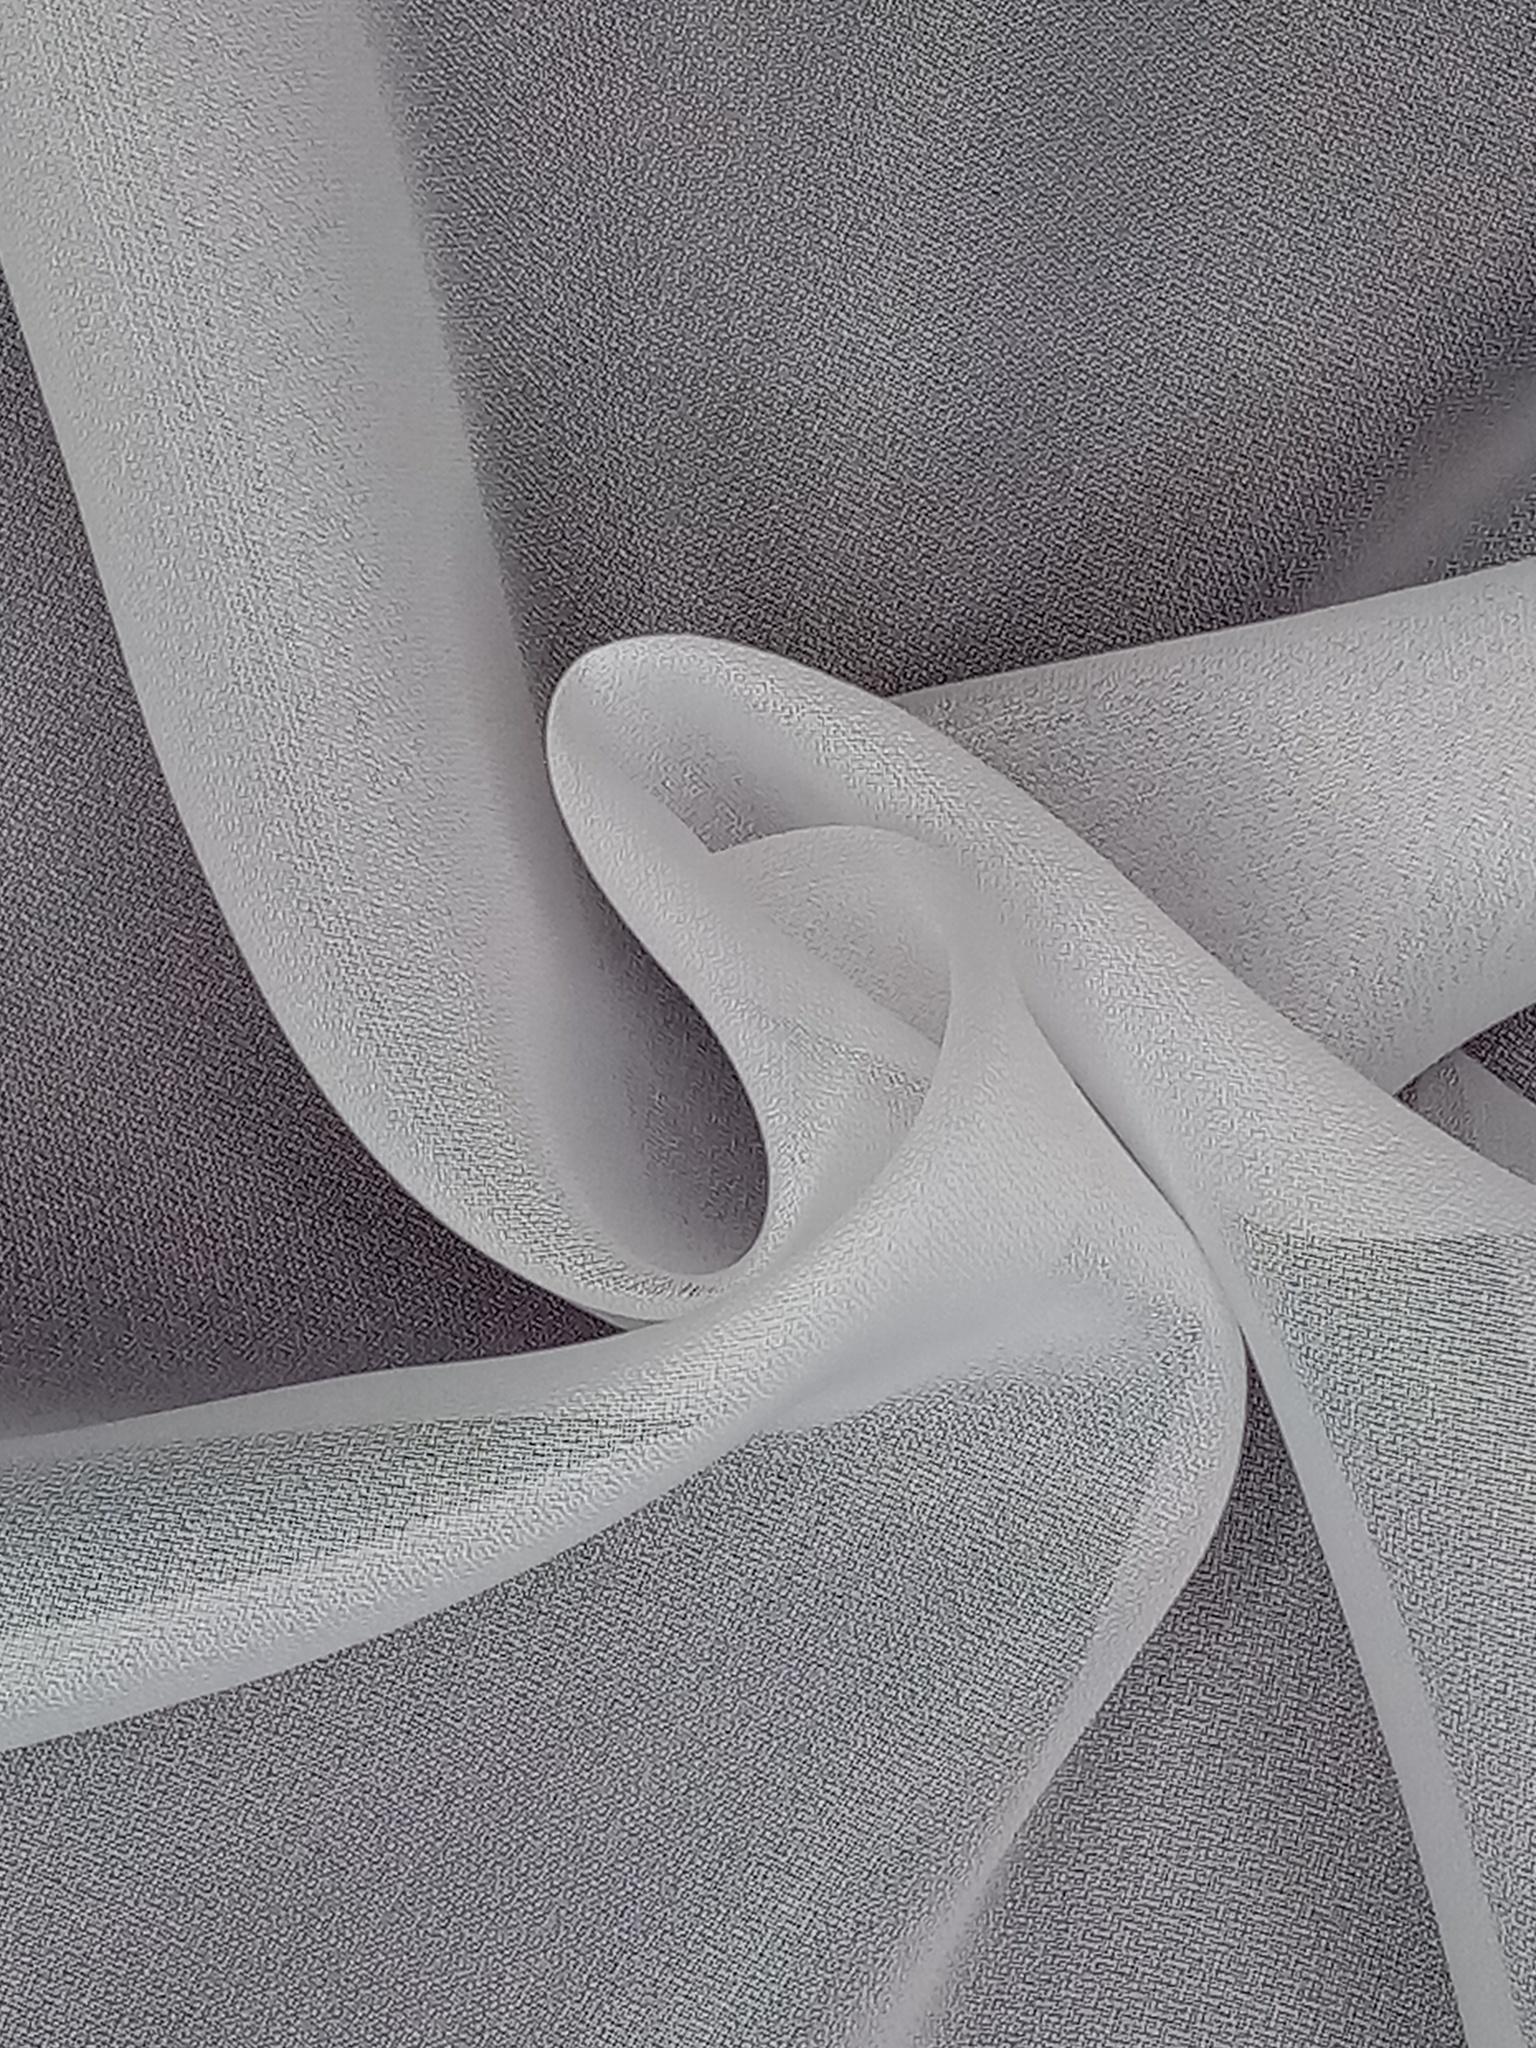 Тюль креп премиум белый с утяжелителем 3 м